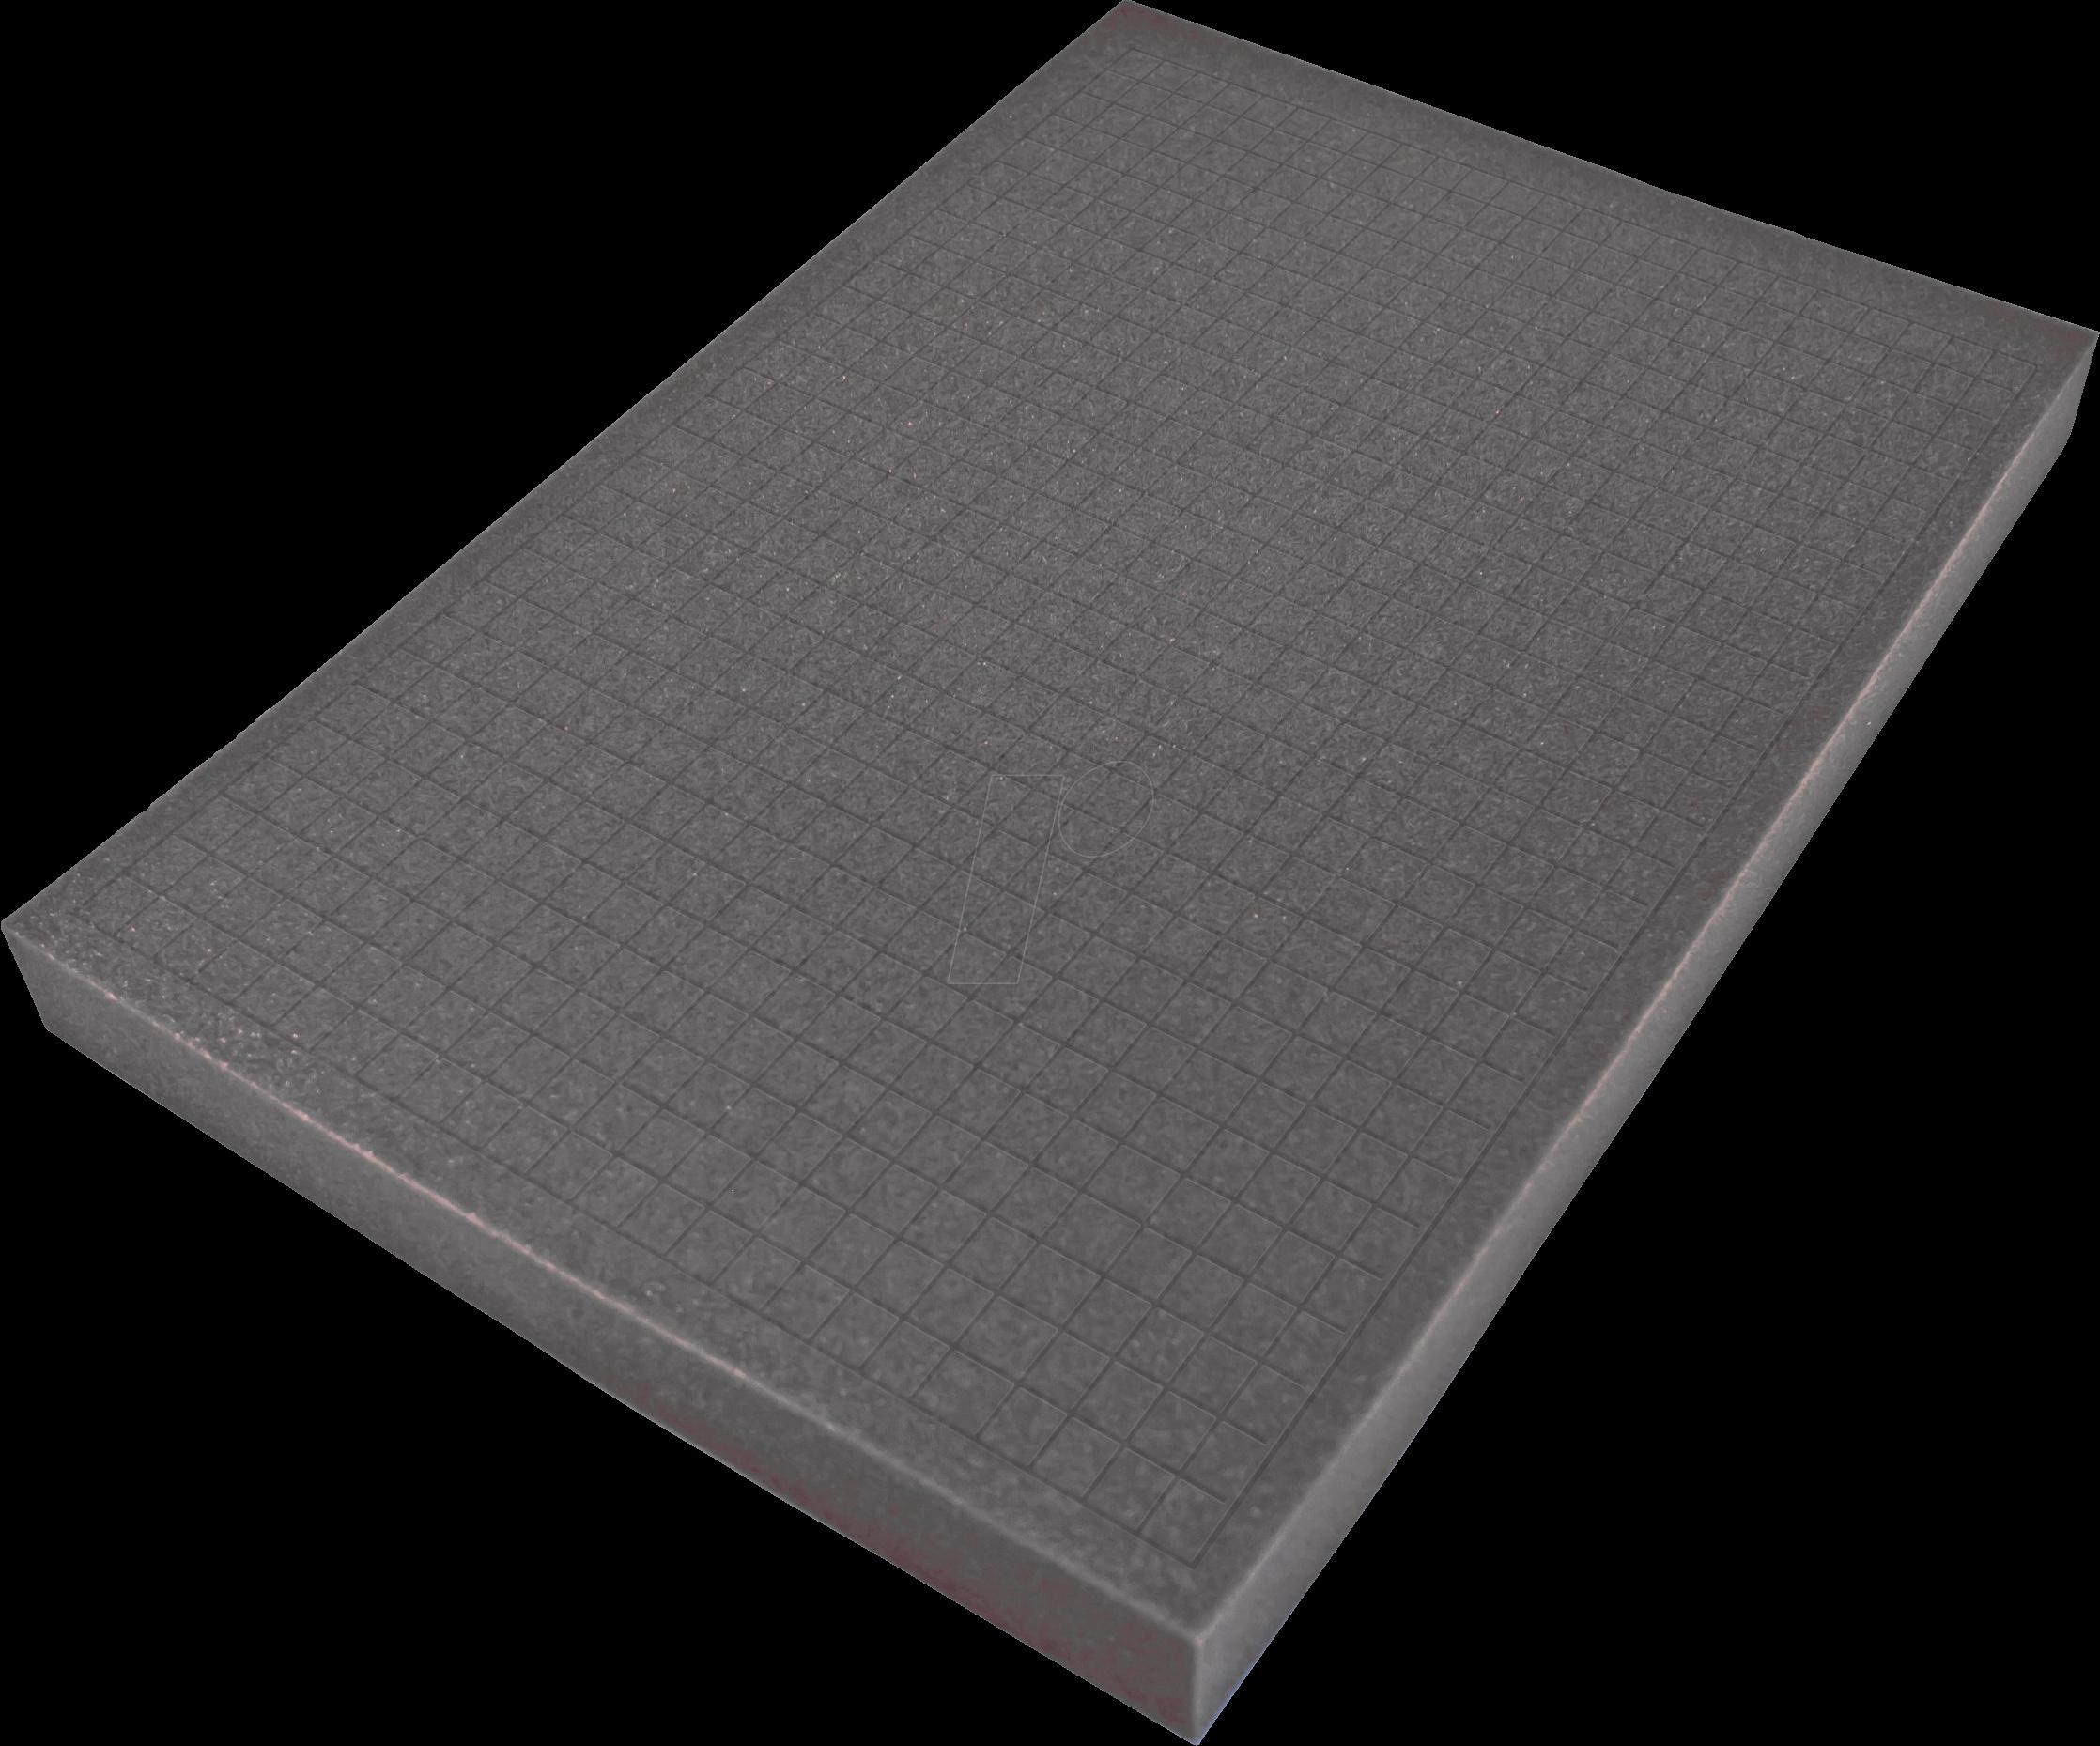 PEAKTECH 7265 S - Würfelschaumeinlage für PeakTech 7265, 380 x 270 x 30 mm